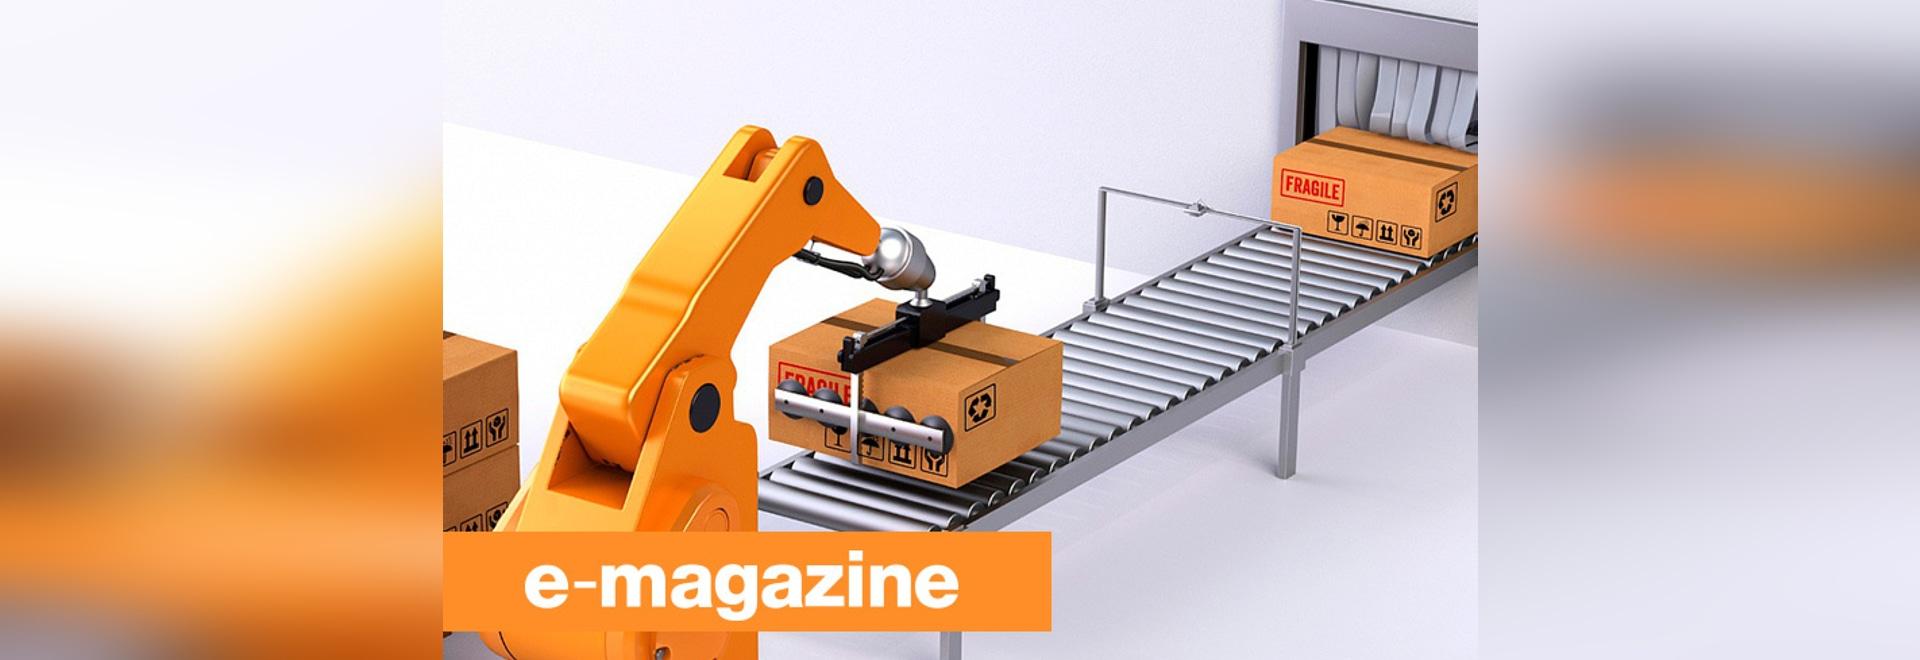 Fácil de usar y adaptable: Los nuevos embaladores robóticos se mueven sobre las líneas de montaje